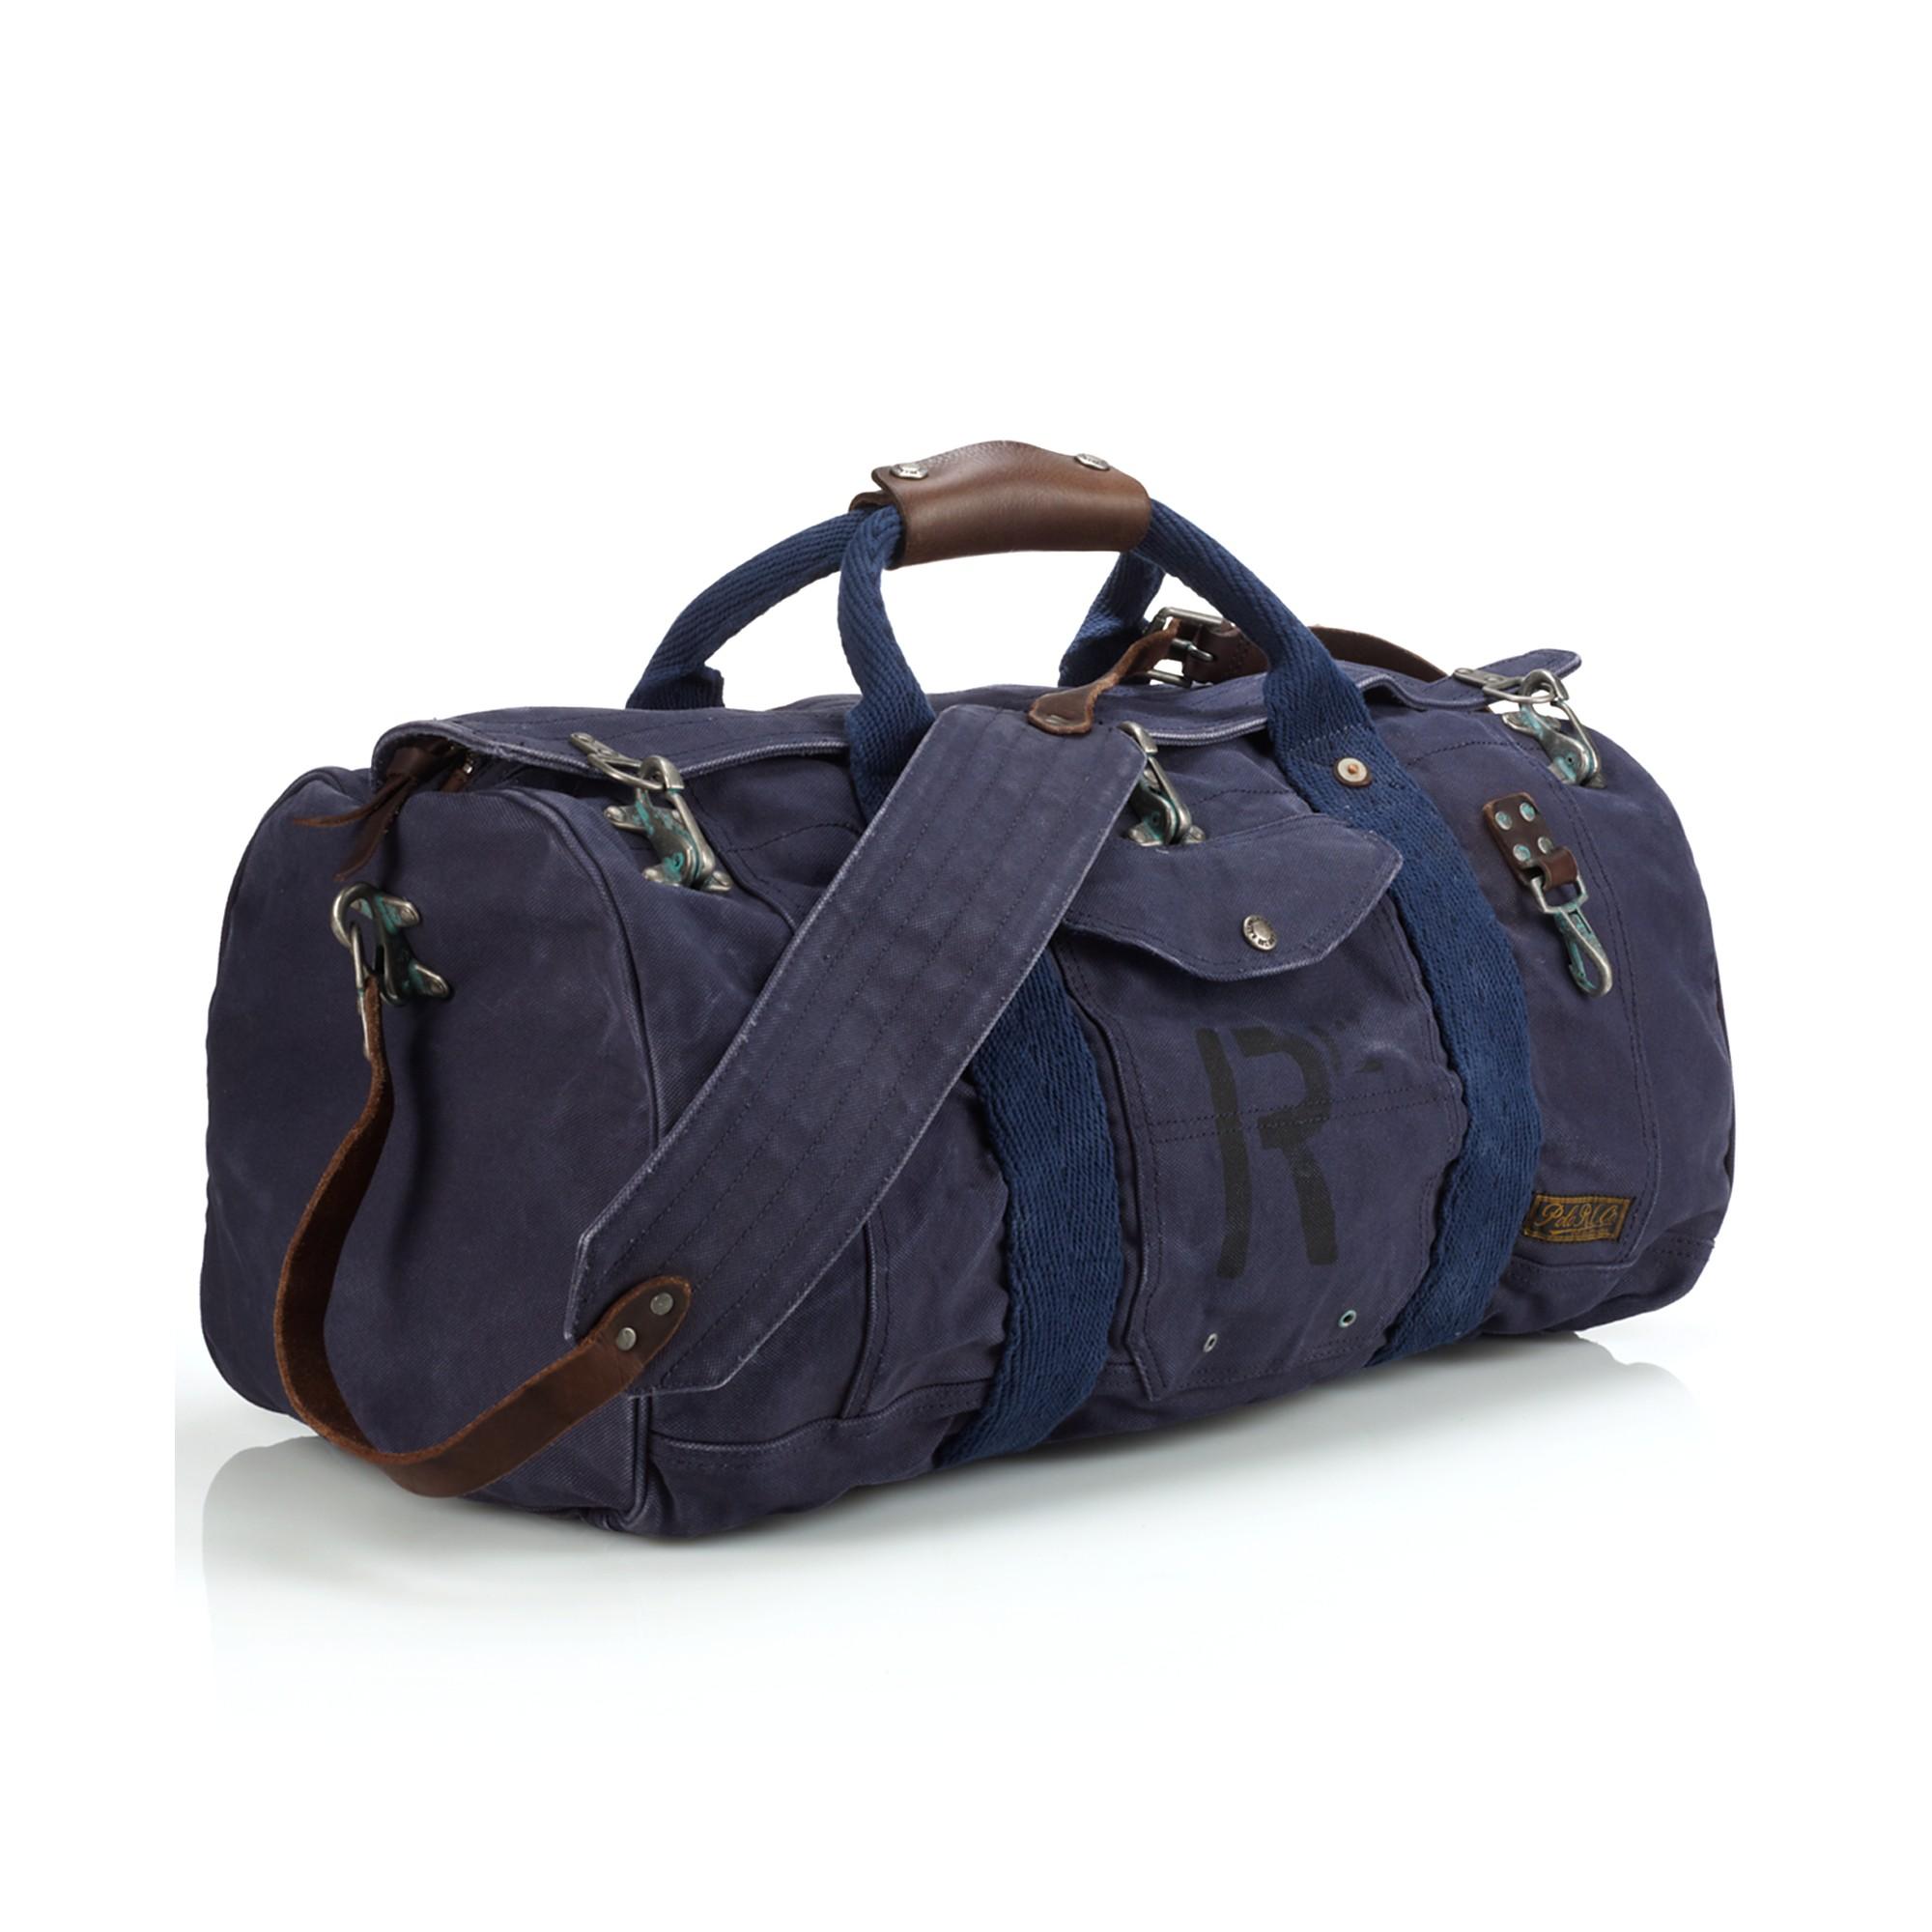 Lyst - Ralph Lauren Firemans Canvas Duffel Bag in Blue for Men f9aca4ce48a55